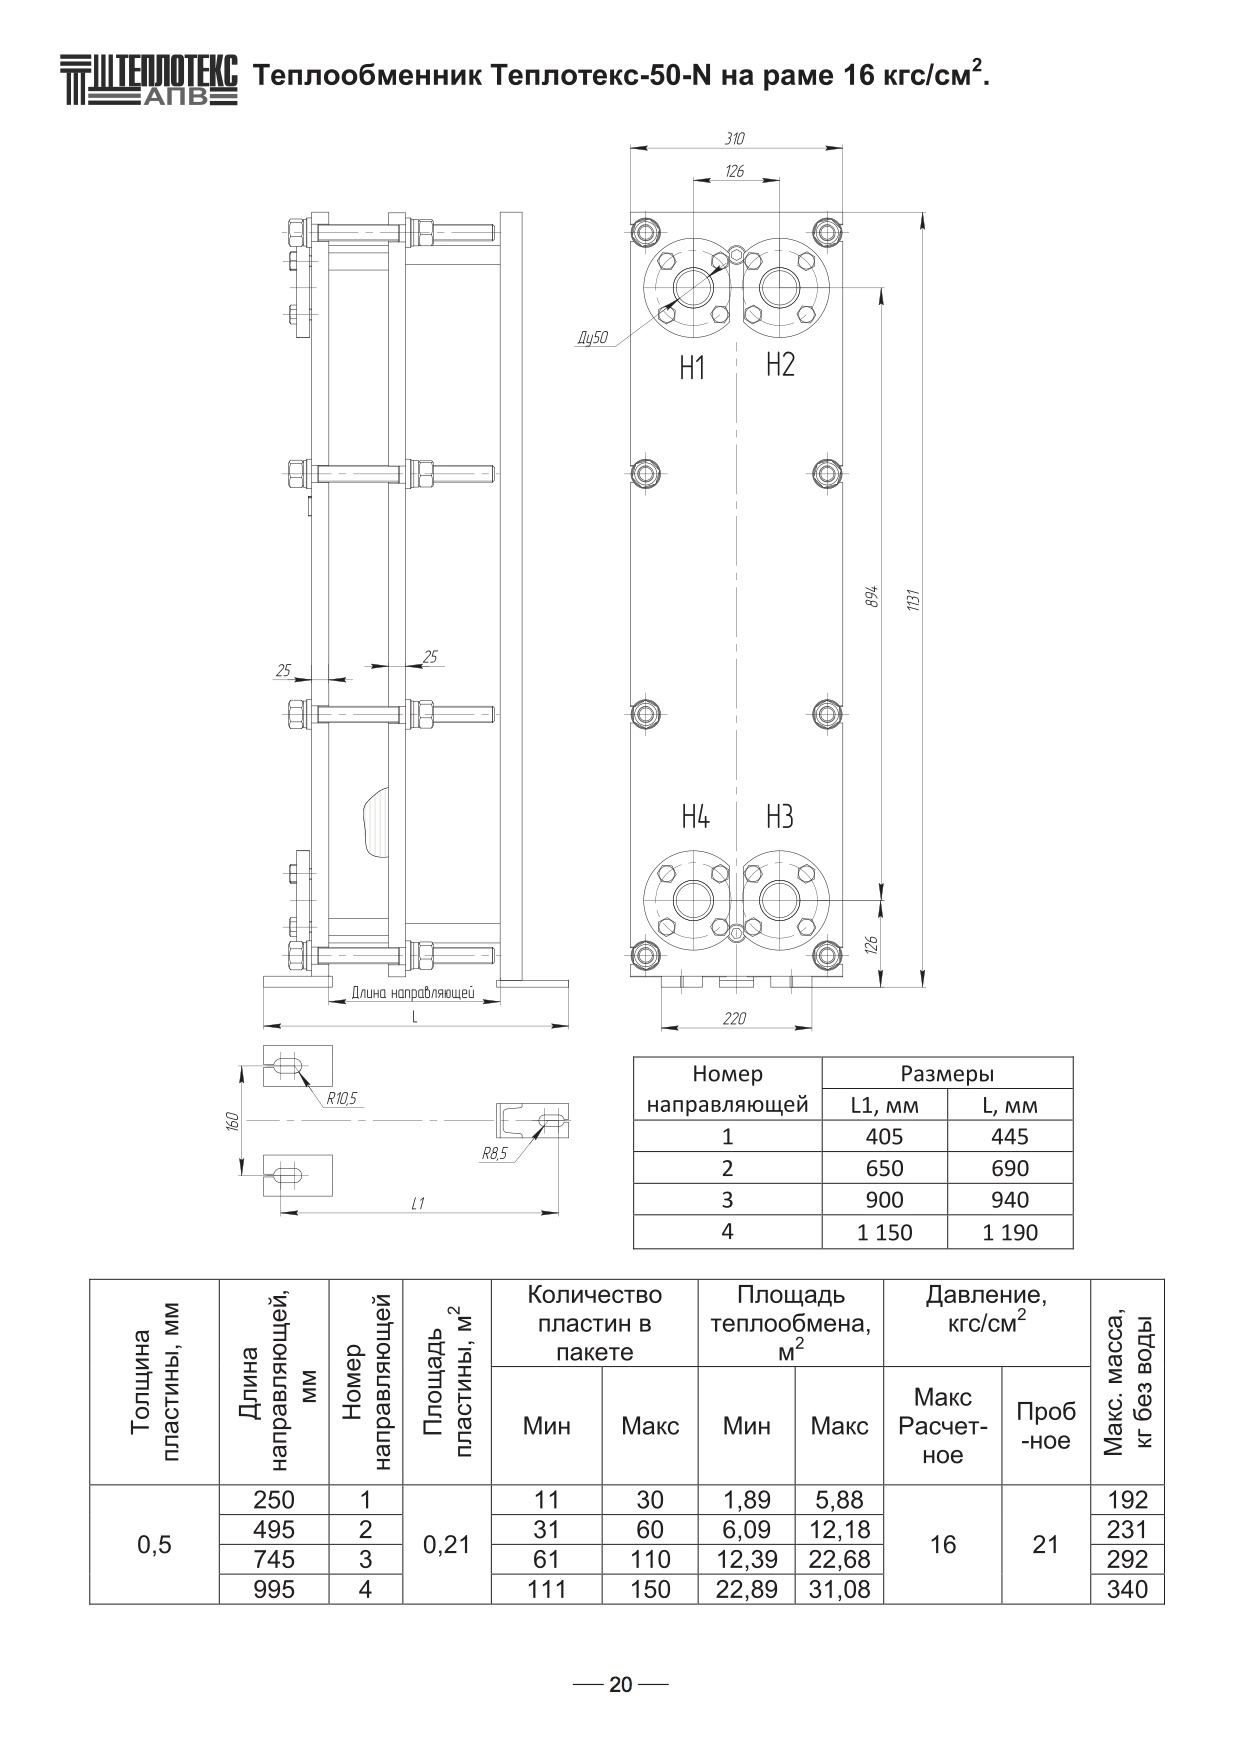 Разборный пластинчатый теплообменник Теплотекс 100D Артём Кожухотрубный теплообменник Alfa Laval ViscoLine VLO 70/104-6 Петрозаводск